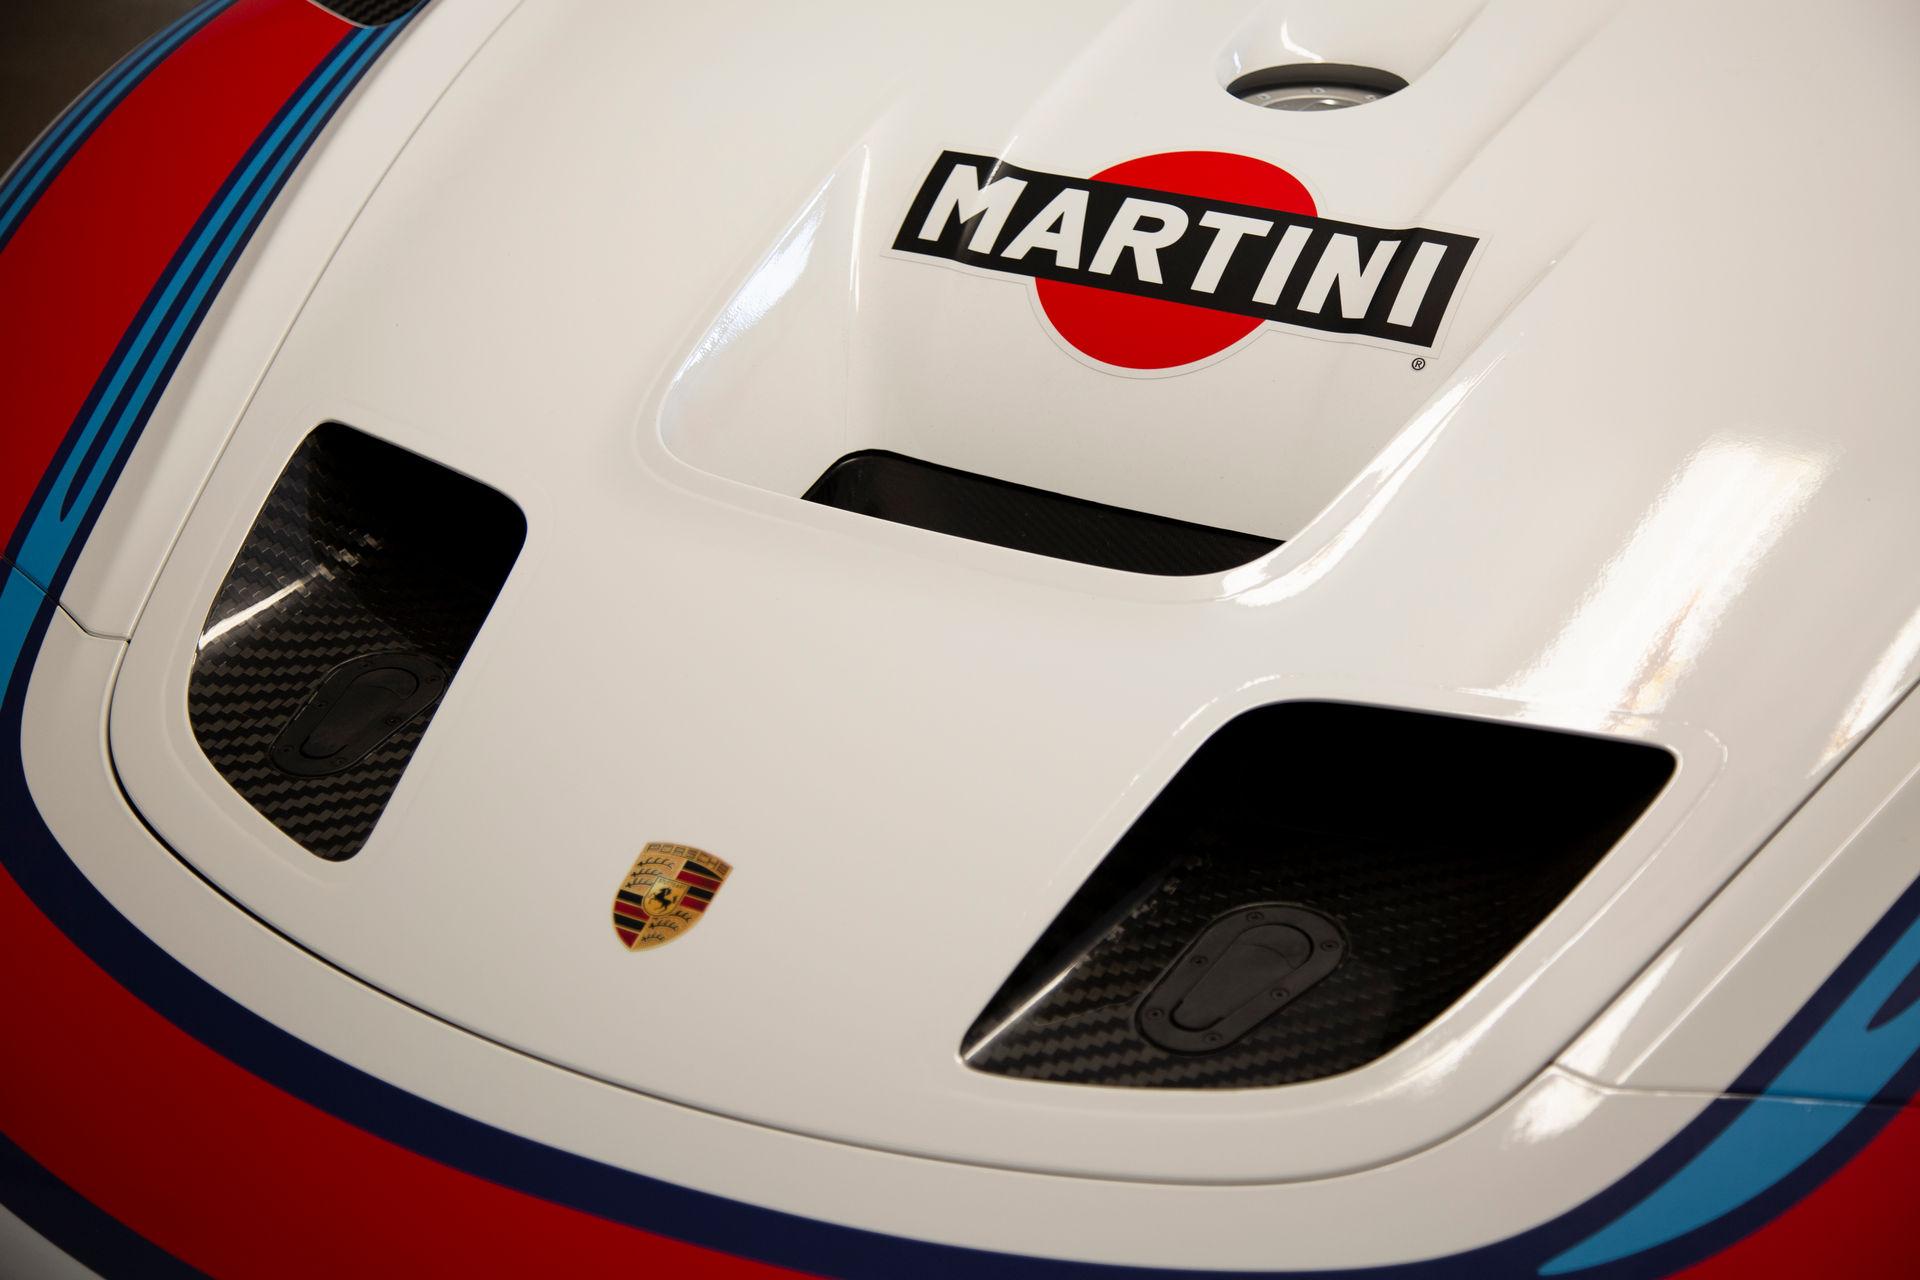 2020_Porsche_935_Martini_Livery_sale_0014